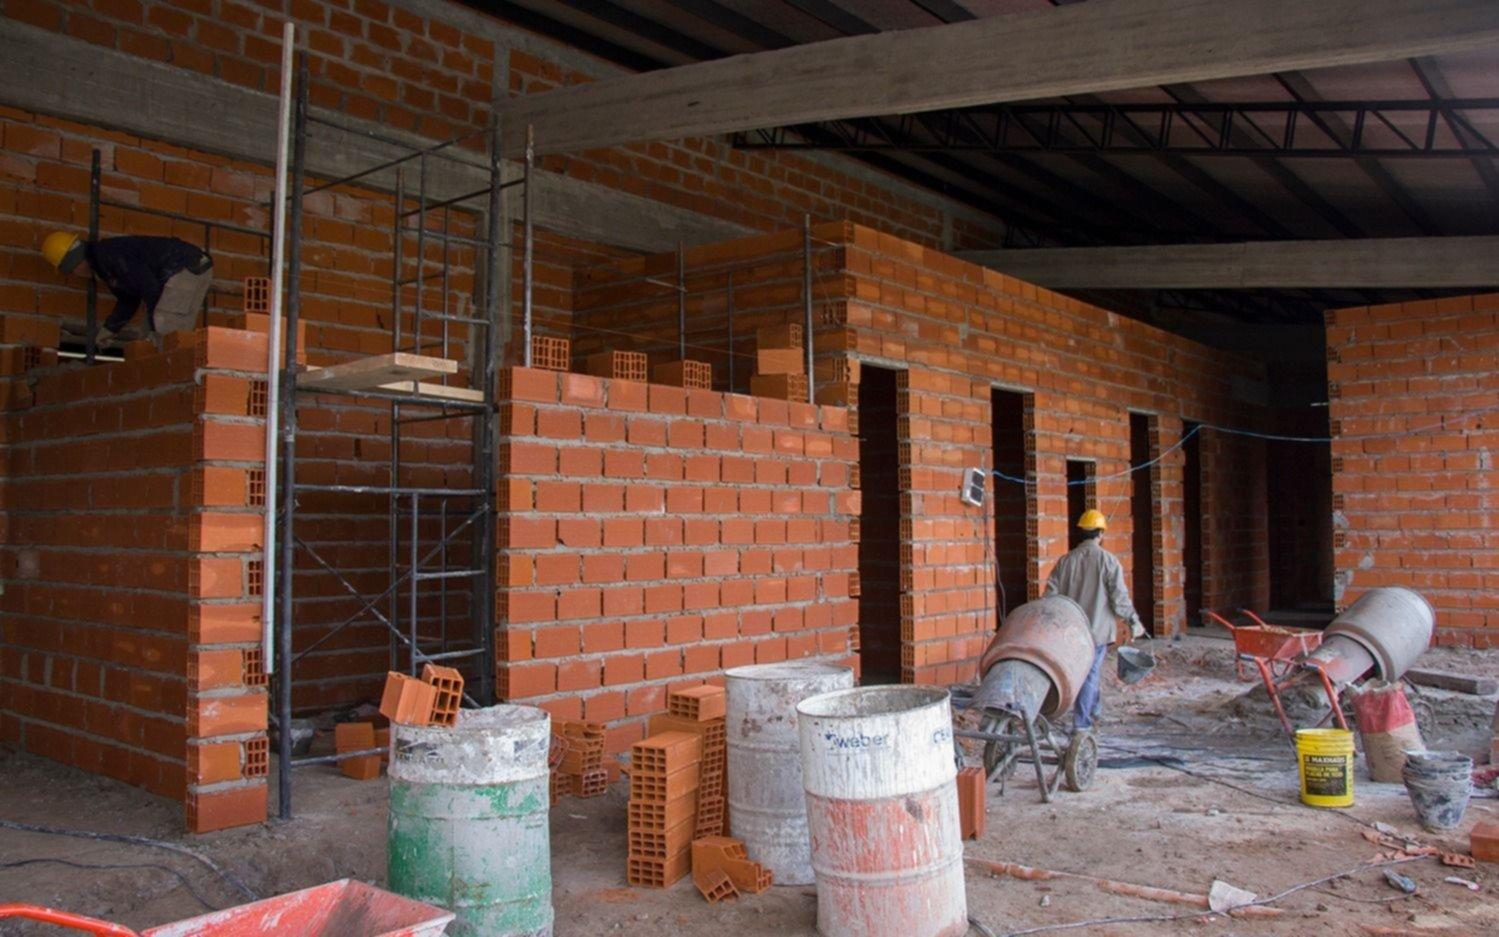 Precios mayoristas subieron un 3,6% y los costos de la construcción, 4,2%